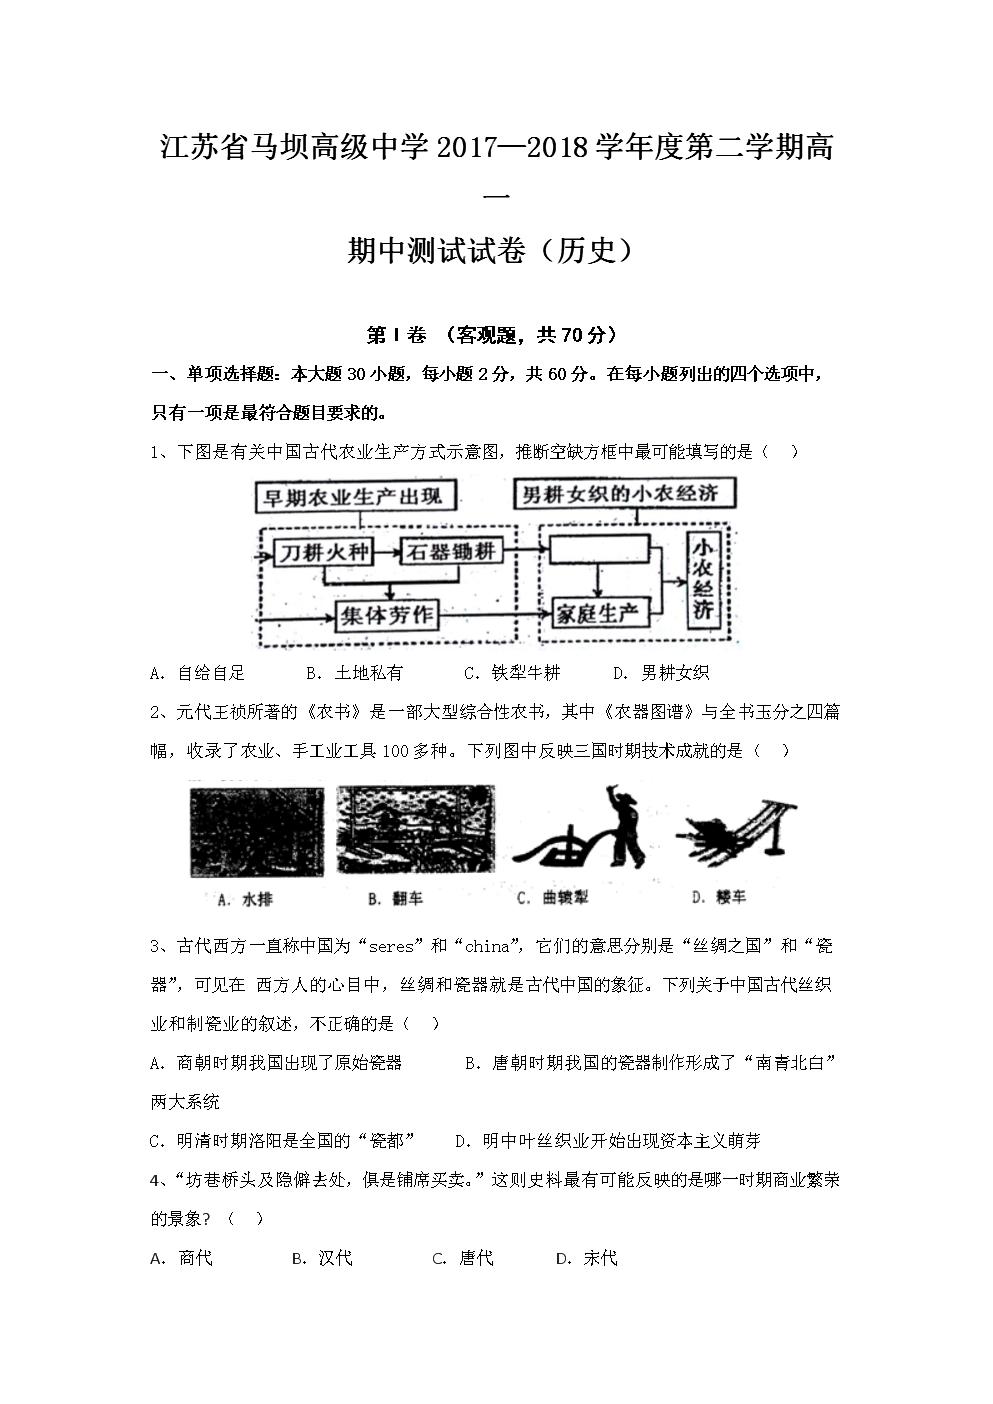 江苏省马坝高级中学2017-2018学期教案下学年高一速度物理高中图片